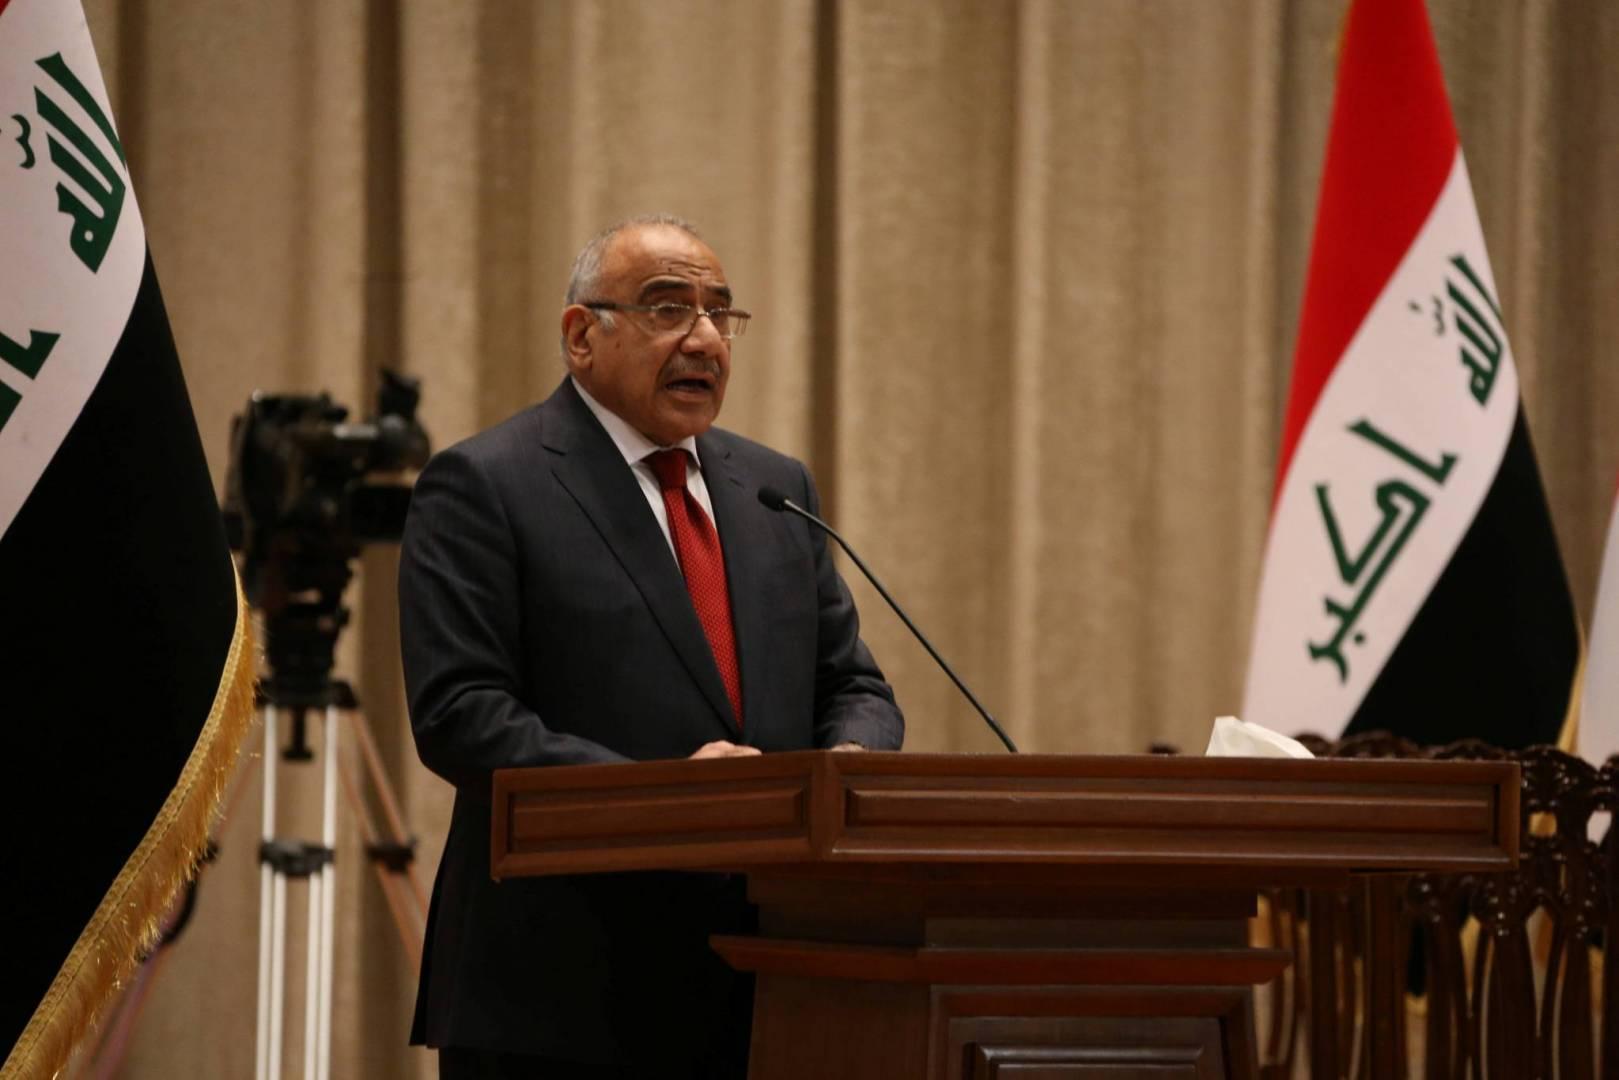 العراق يعلن الحداد 3 أيام على ضحايا الاحتجاجات